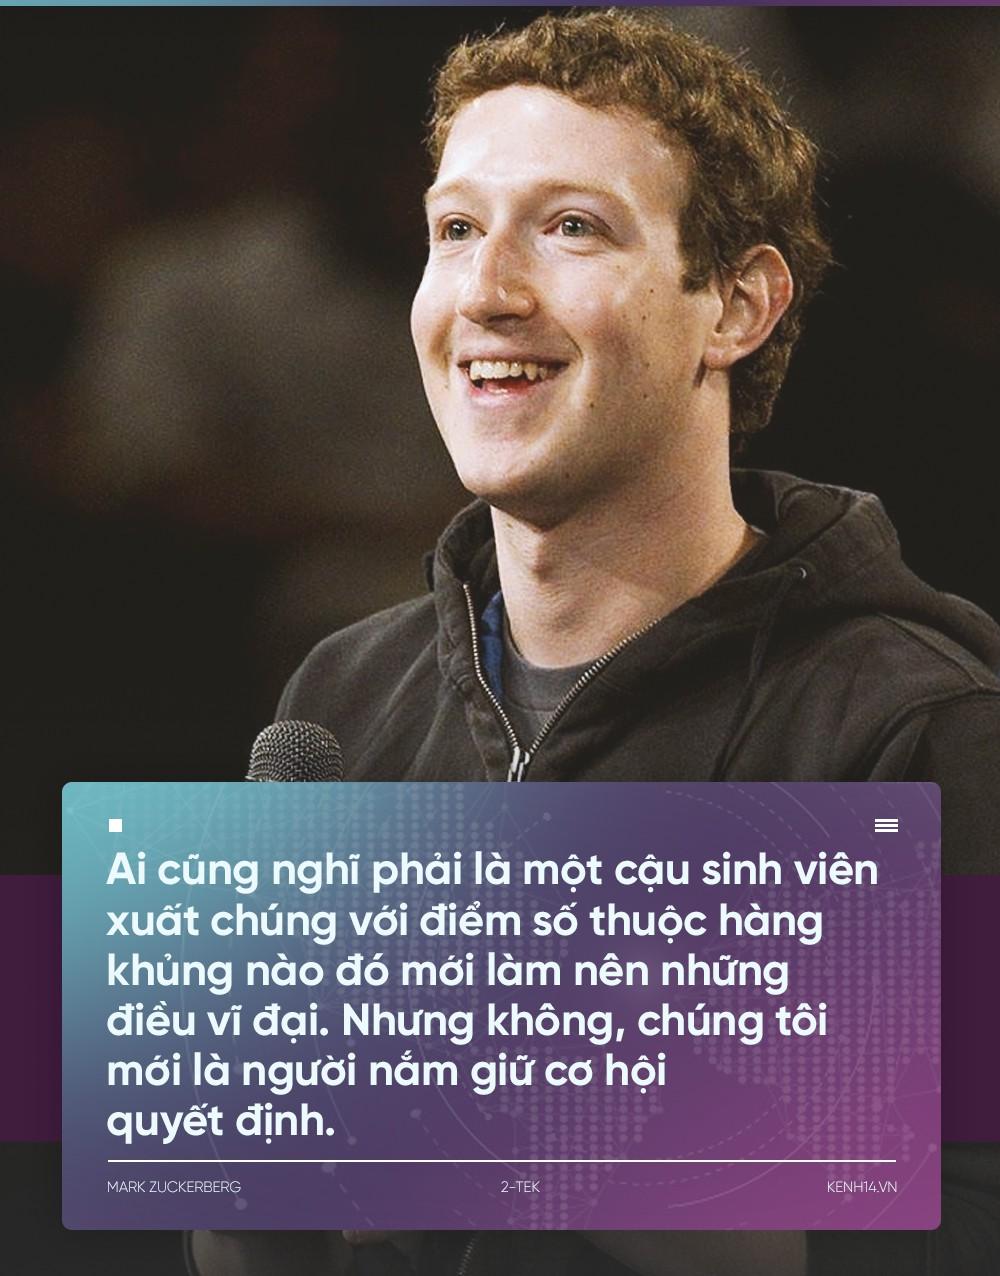 Mark Zuckerberg tâm tình về sự thật khi làm ra Facebook: Không phải để tán gái như phim nói đâu! - Ảnh 2.